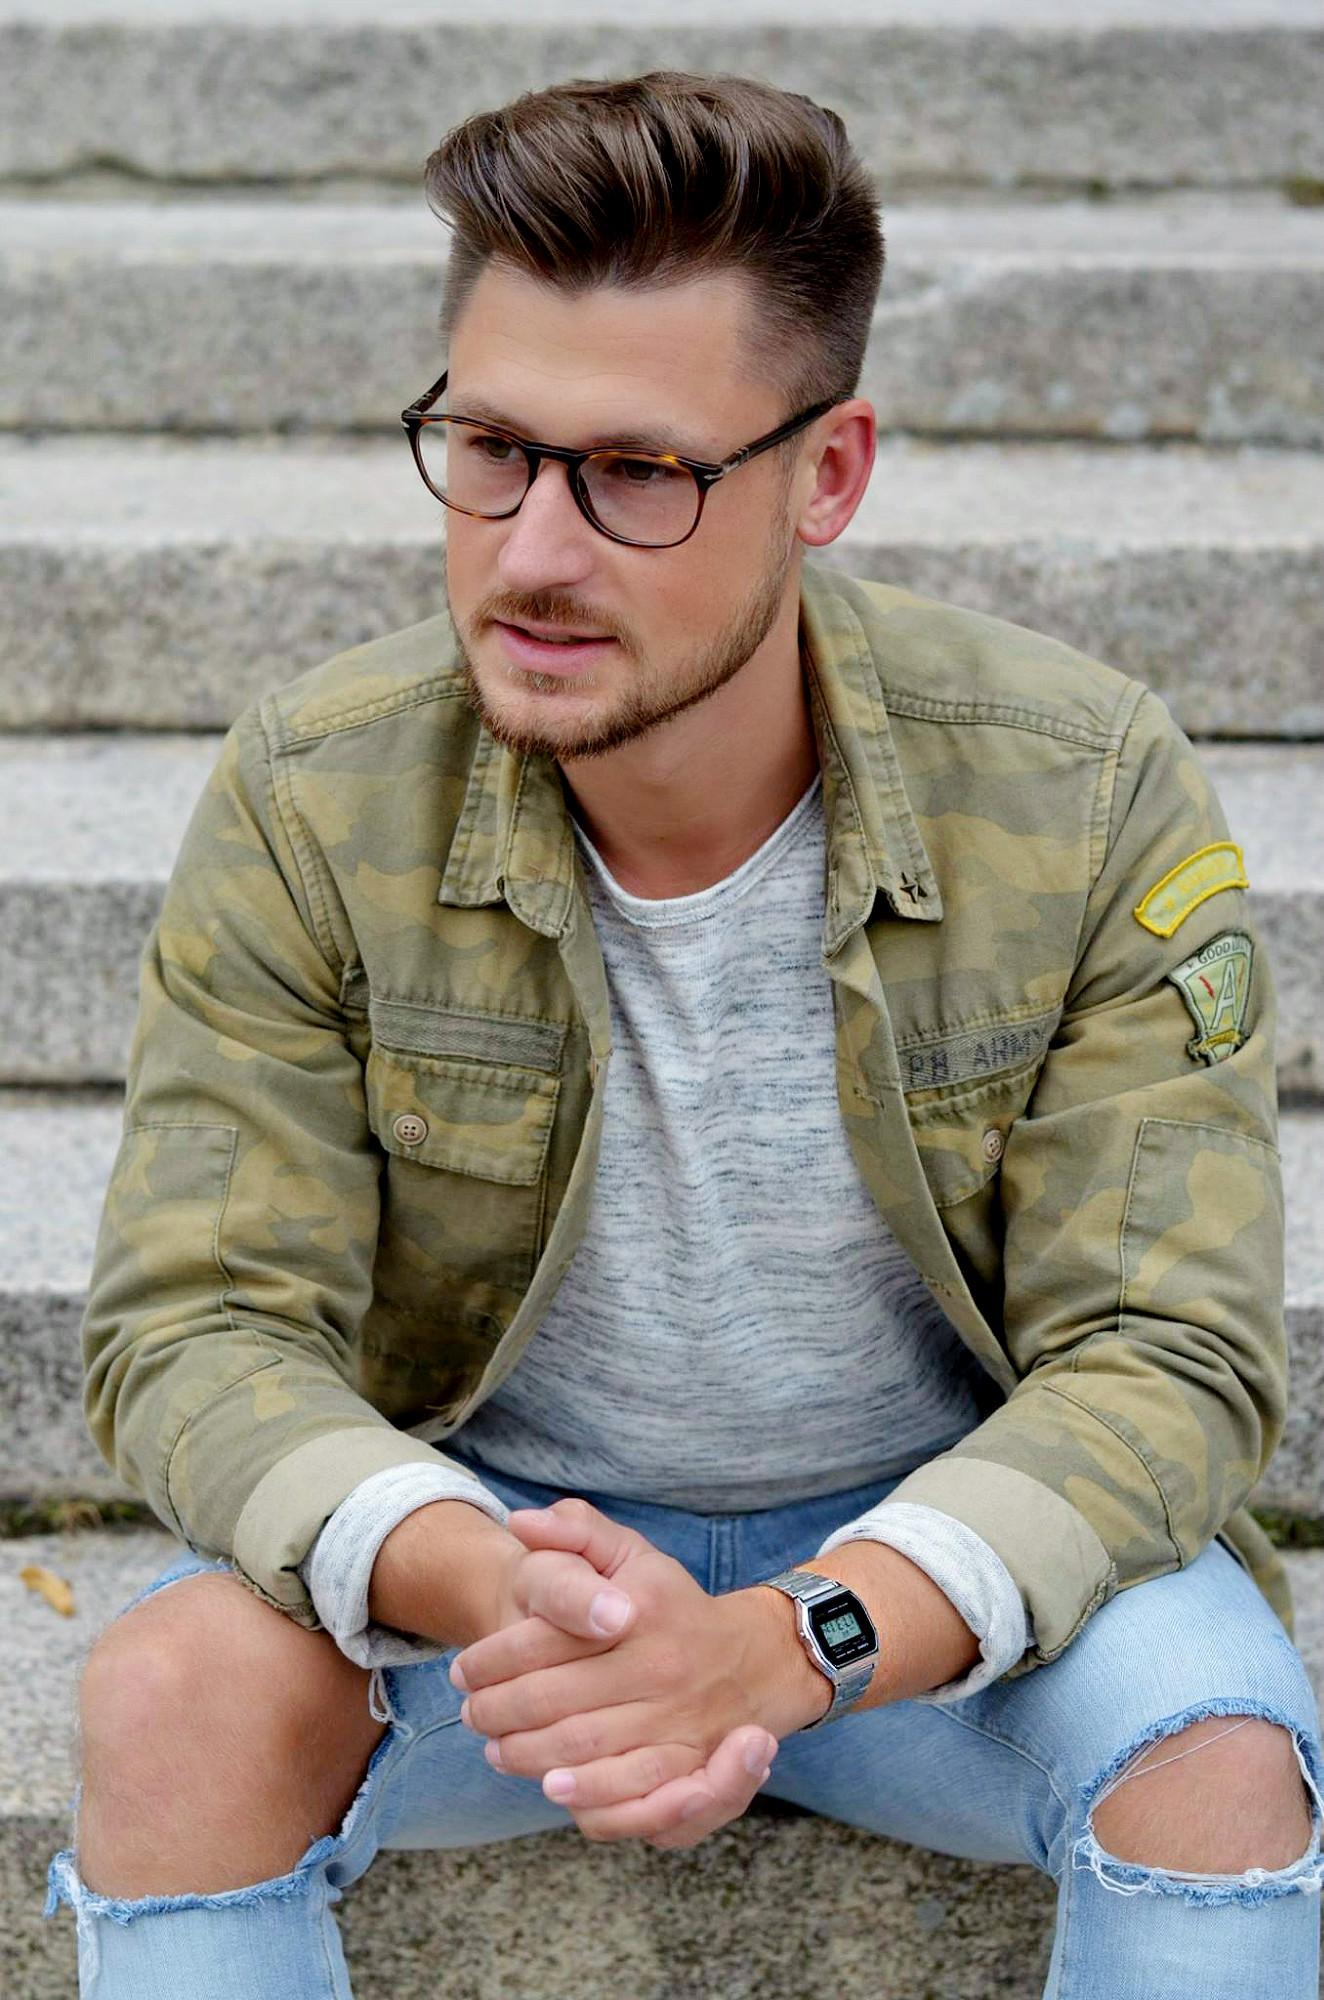 Modeblog-Berlin-Männer-Blog-Fashion-Camouflage-Jacke-Casio-Uhr